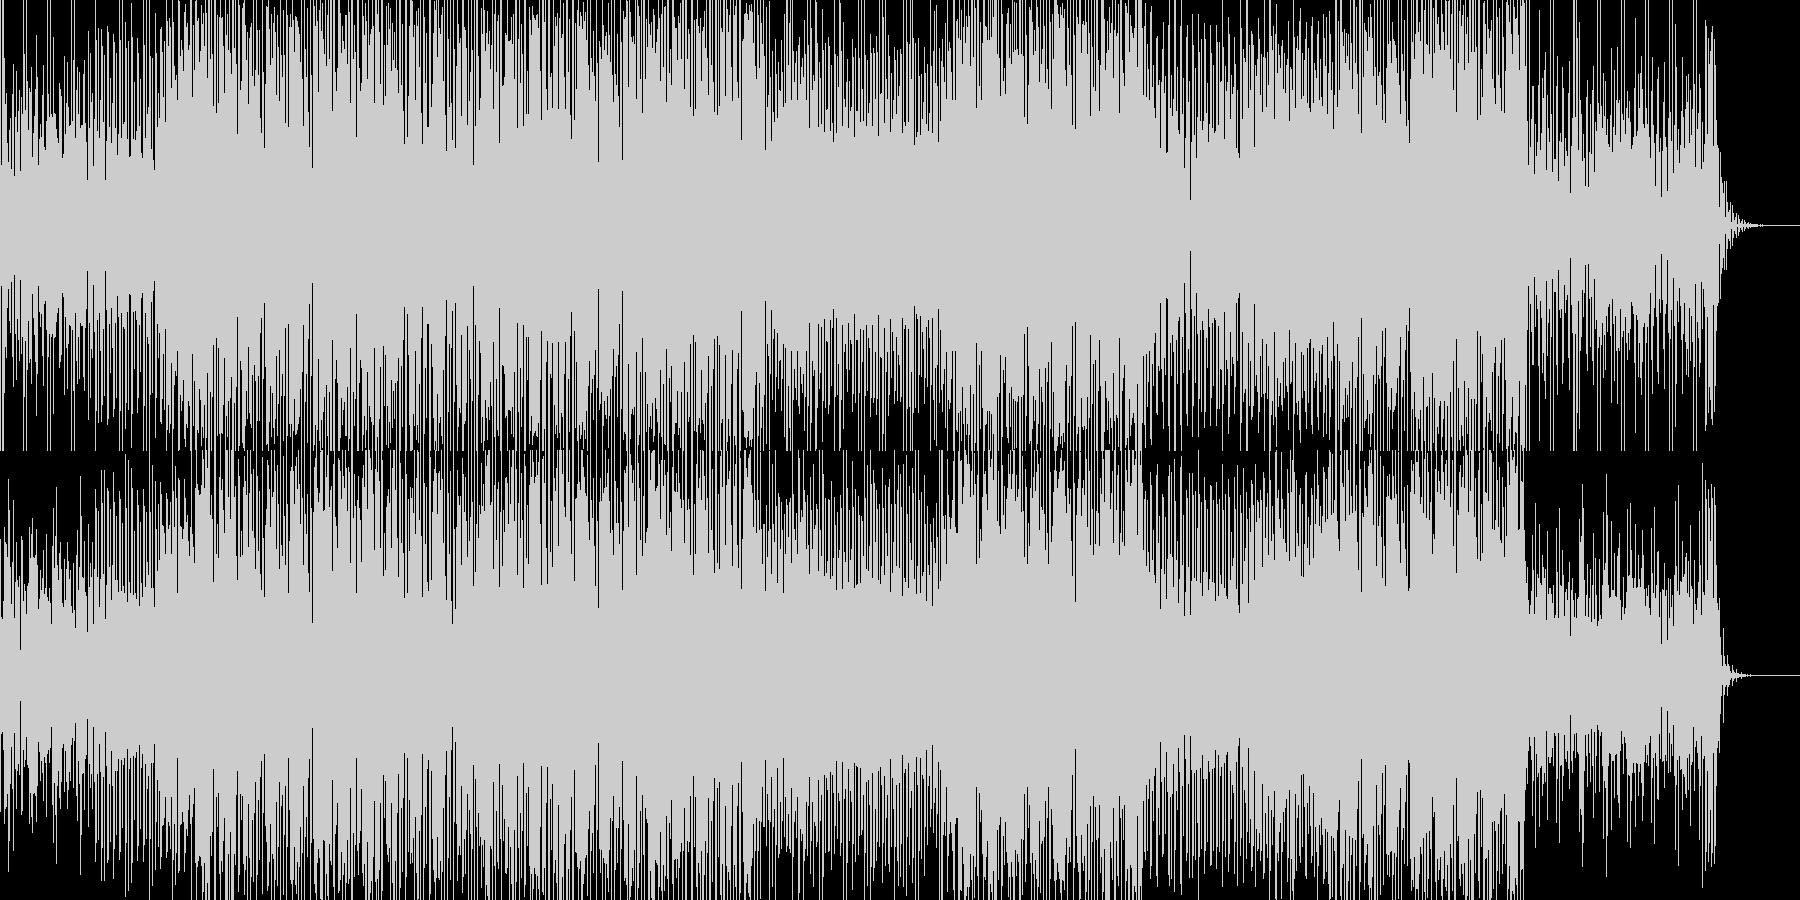 ゲームっぽいリズムのテクノ系BGMの未再生の波形